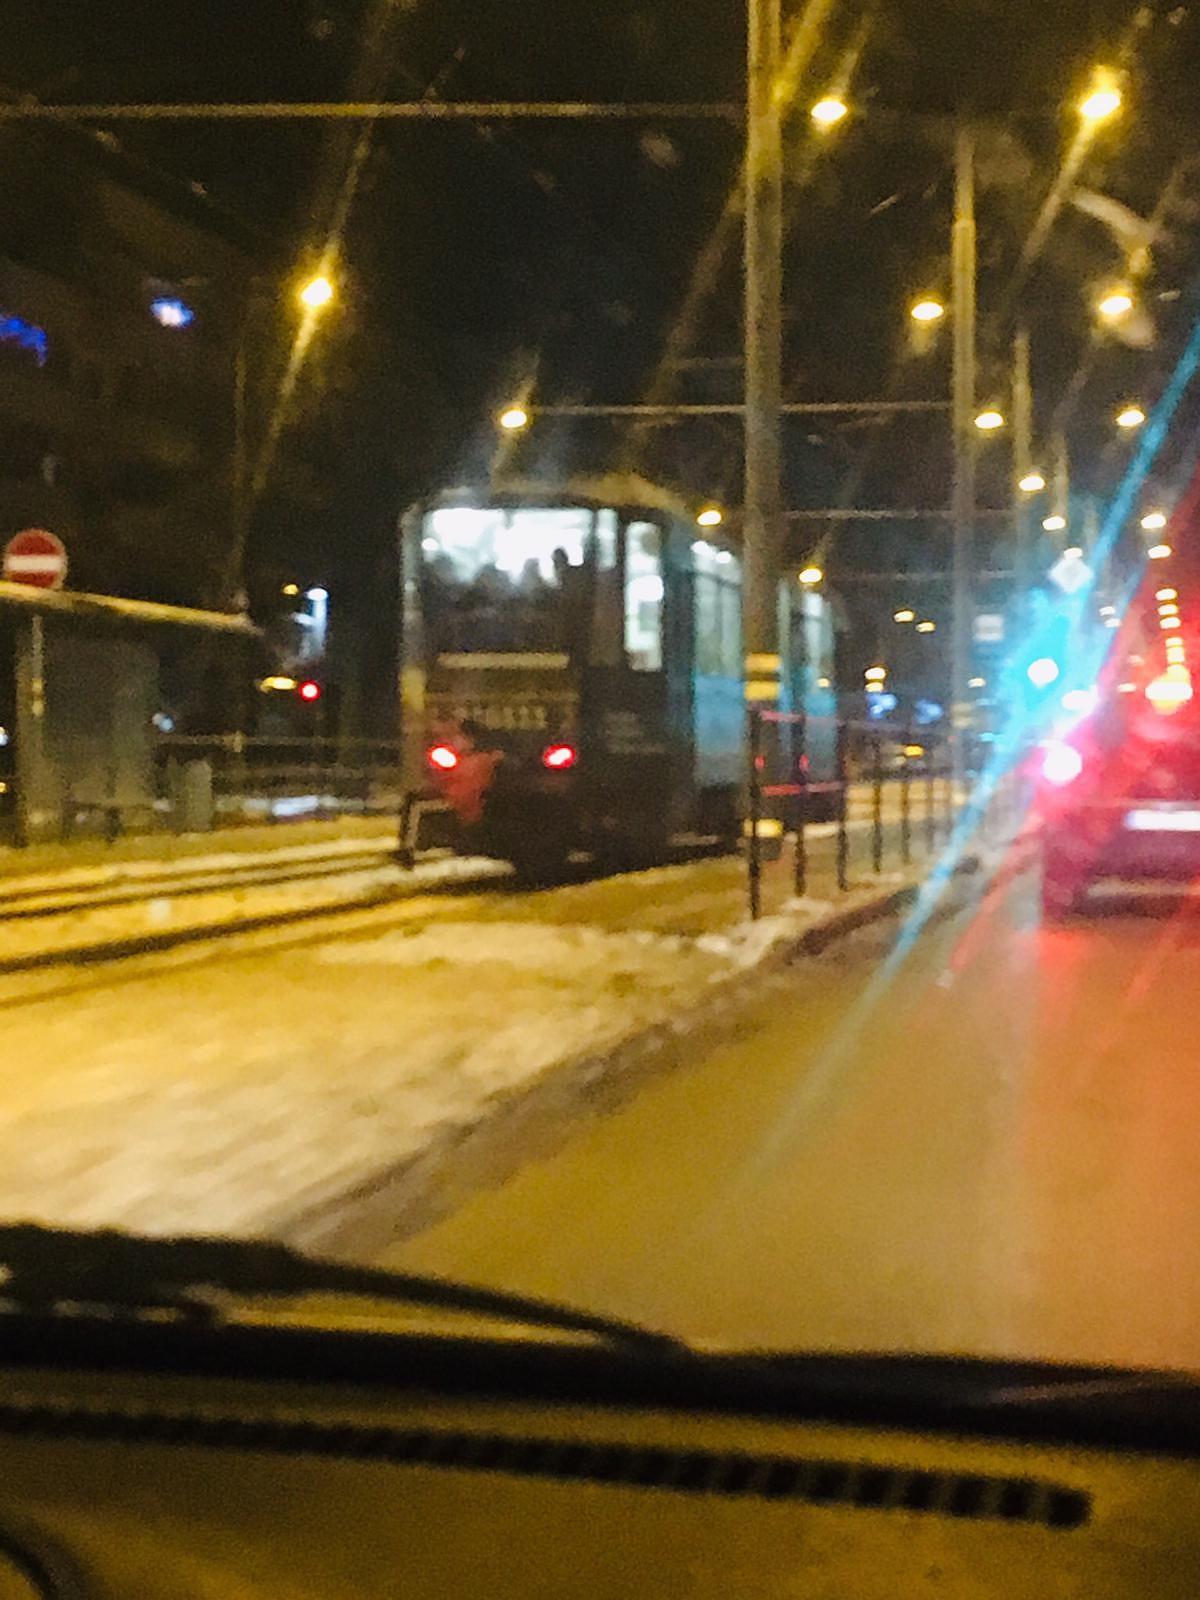 Vizināšanos uz tramvaja sakabes uzskata par izklaidi